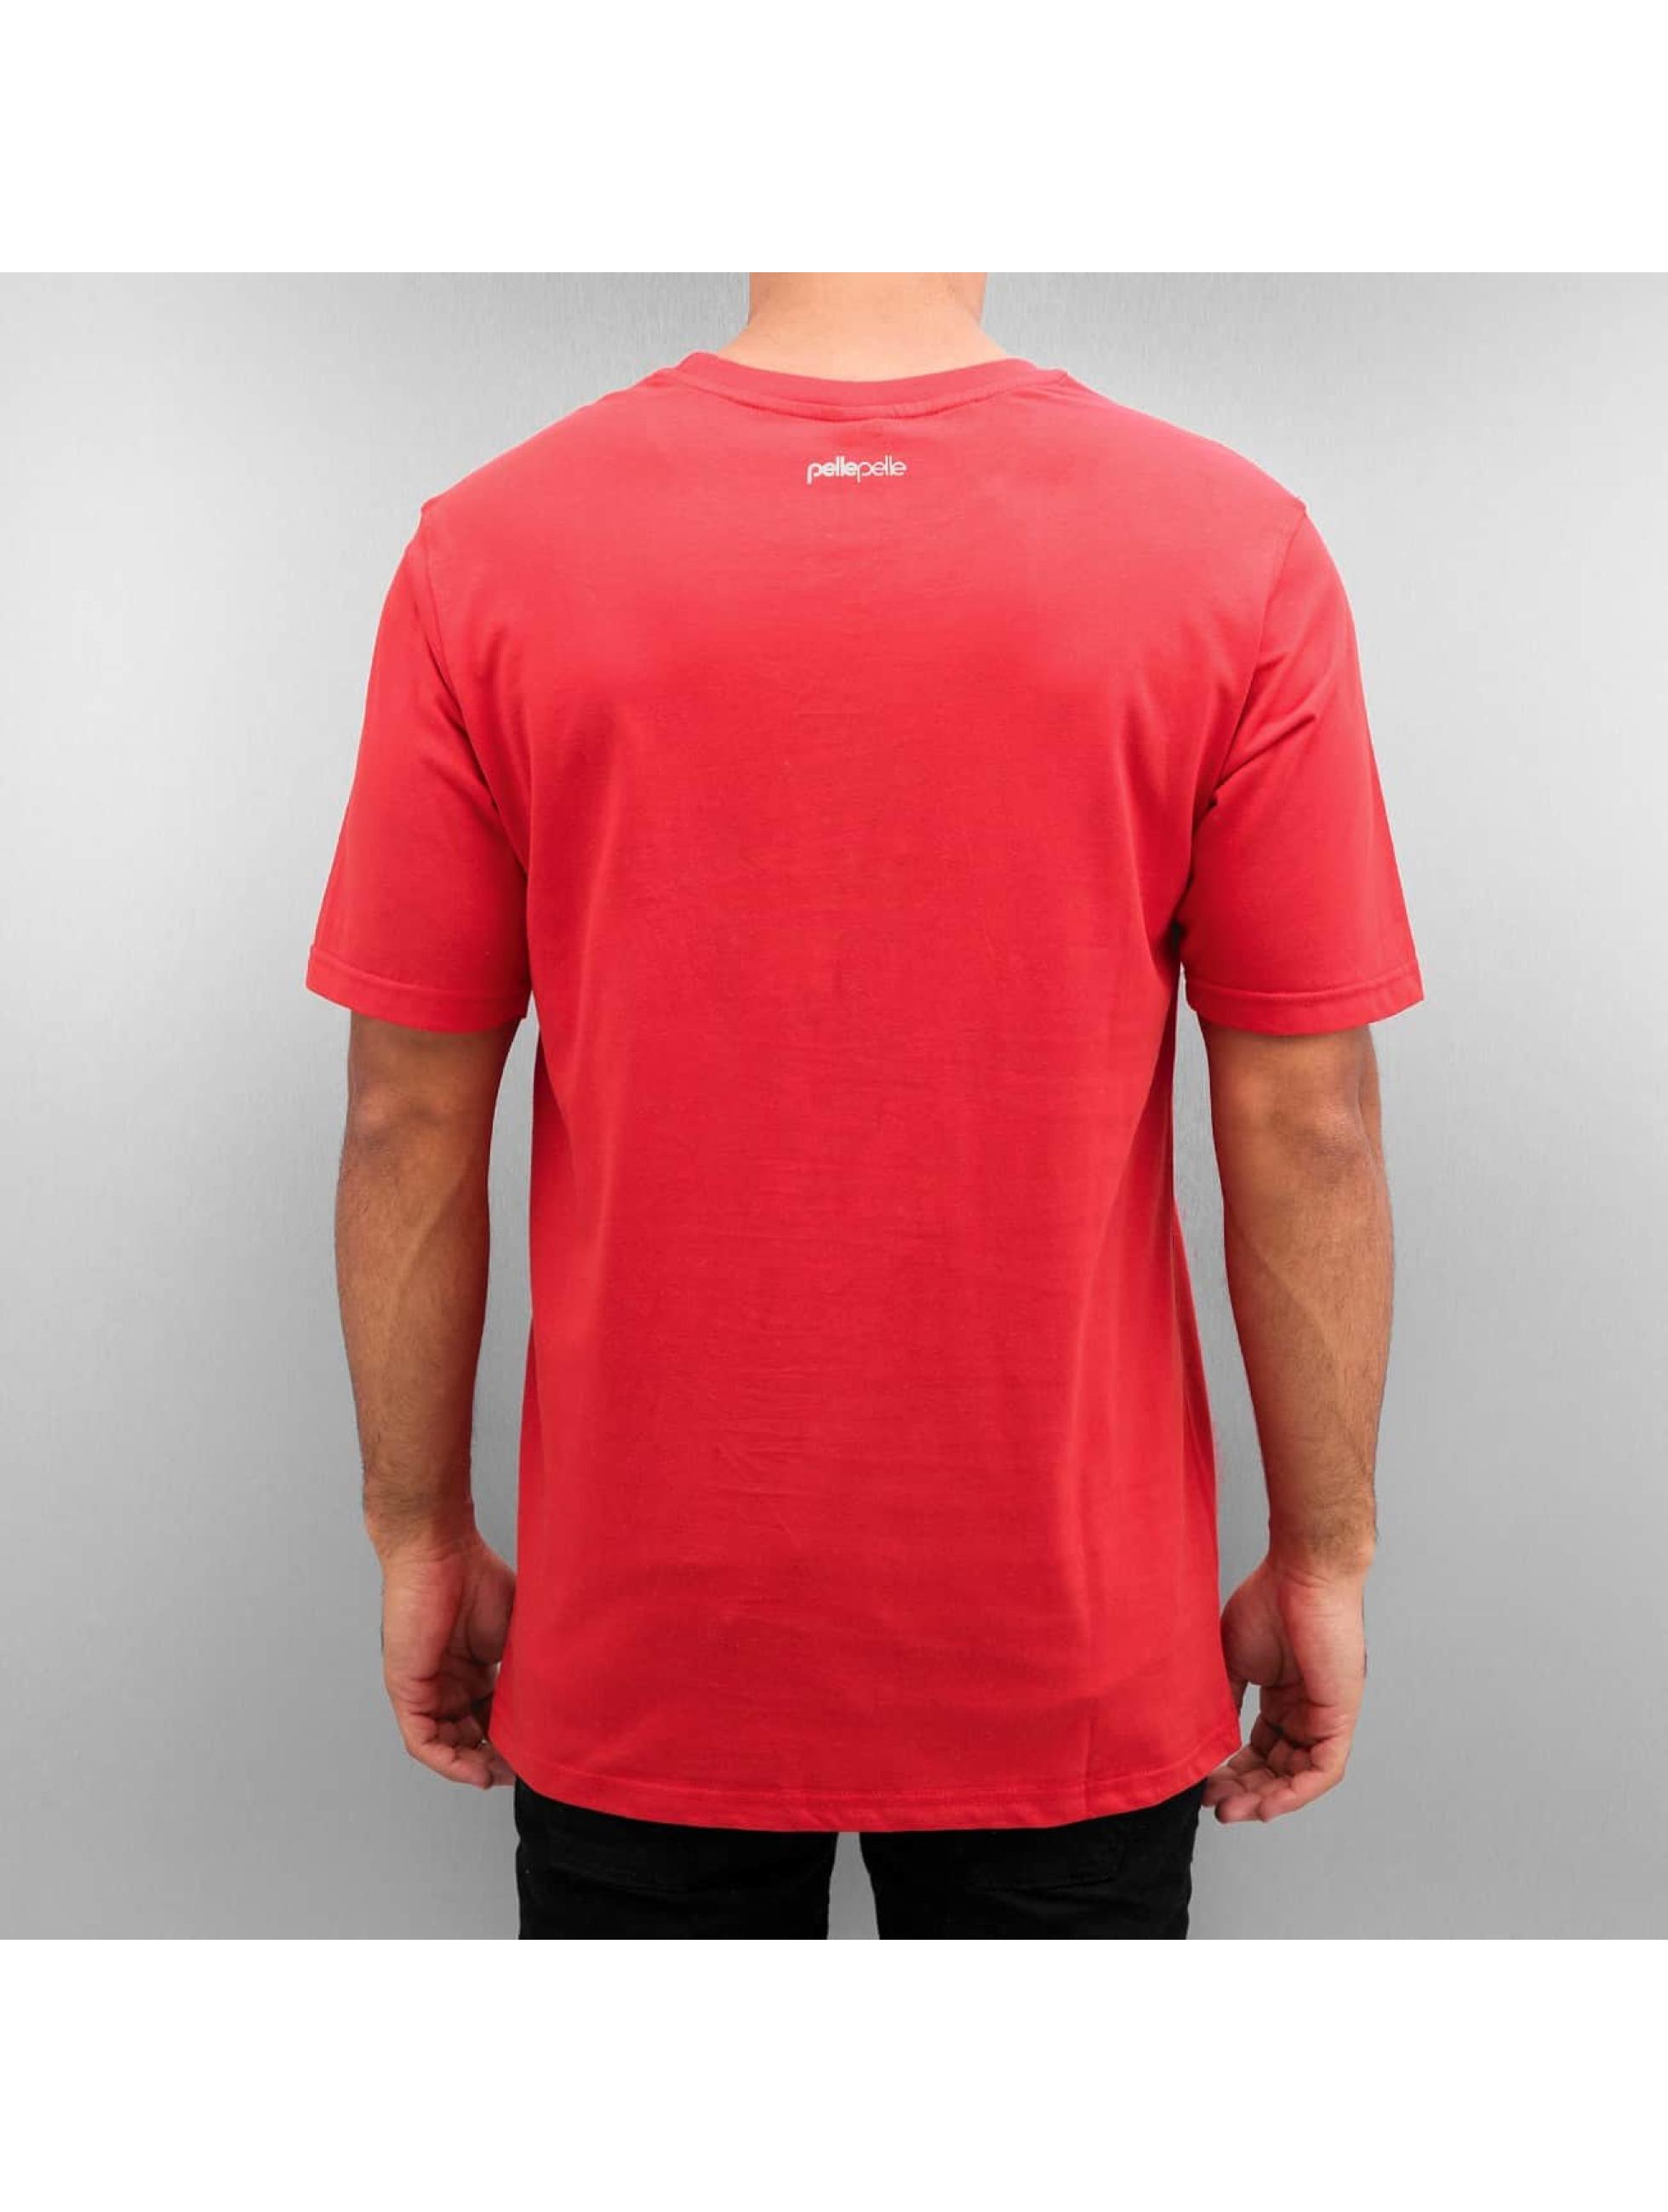 Pelle Pelle t-shirt 50/50 Dark Maze rood